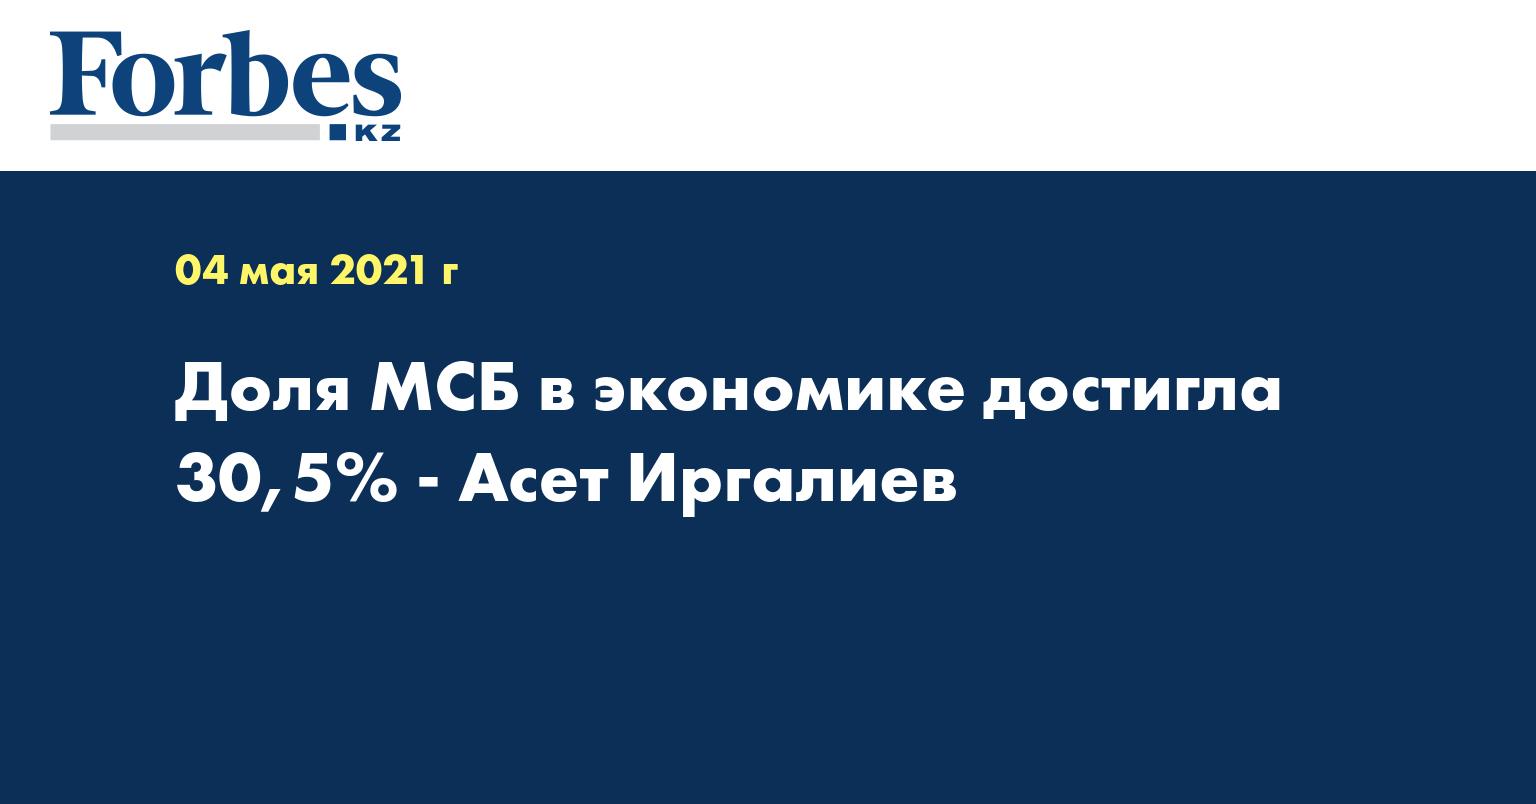 Доля МСБ в экономике достигла 30,5% - Асет Иргалиев